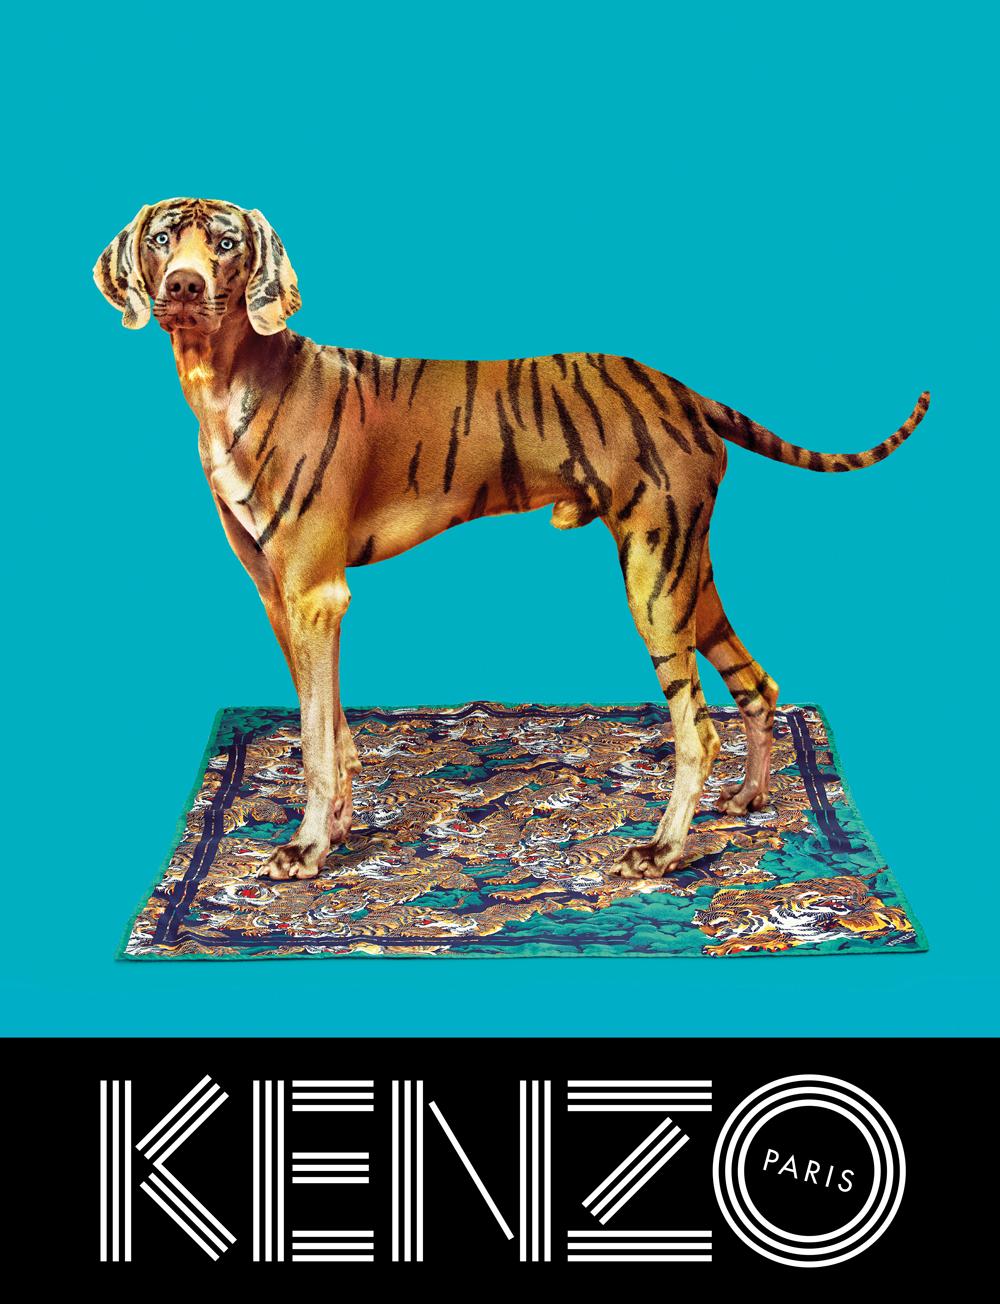 Kenzo fw 2013 ad campaign by Pierpaolo Ferrari, Micol Talso